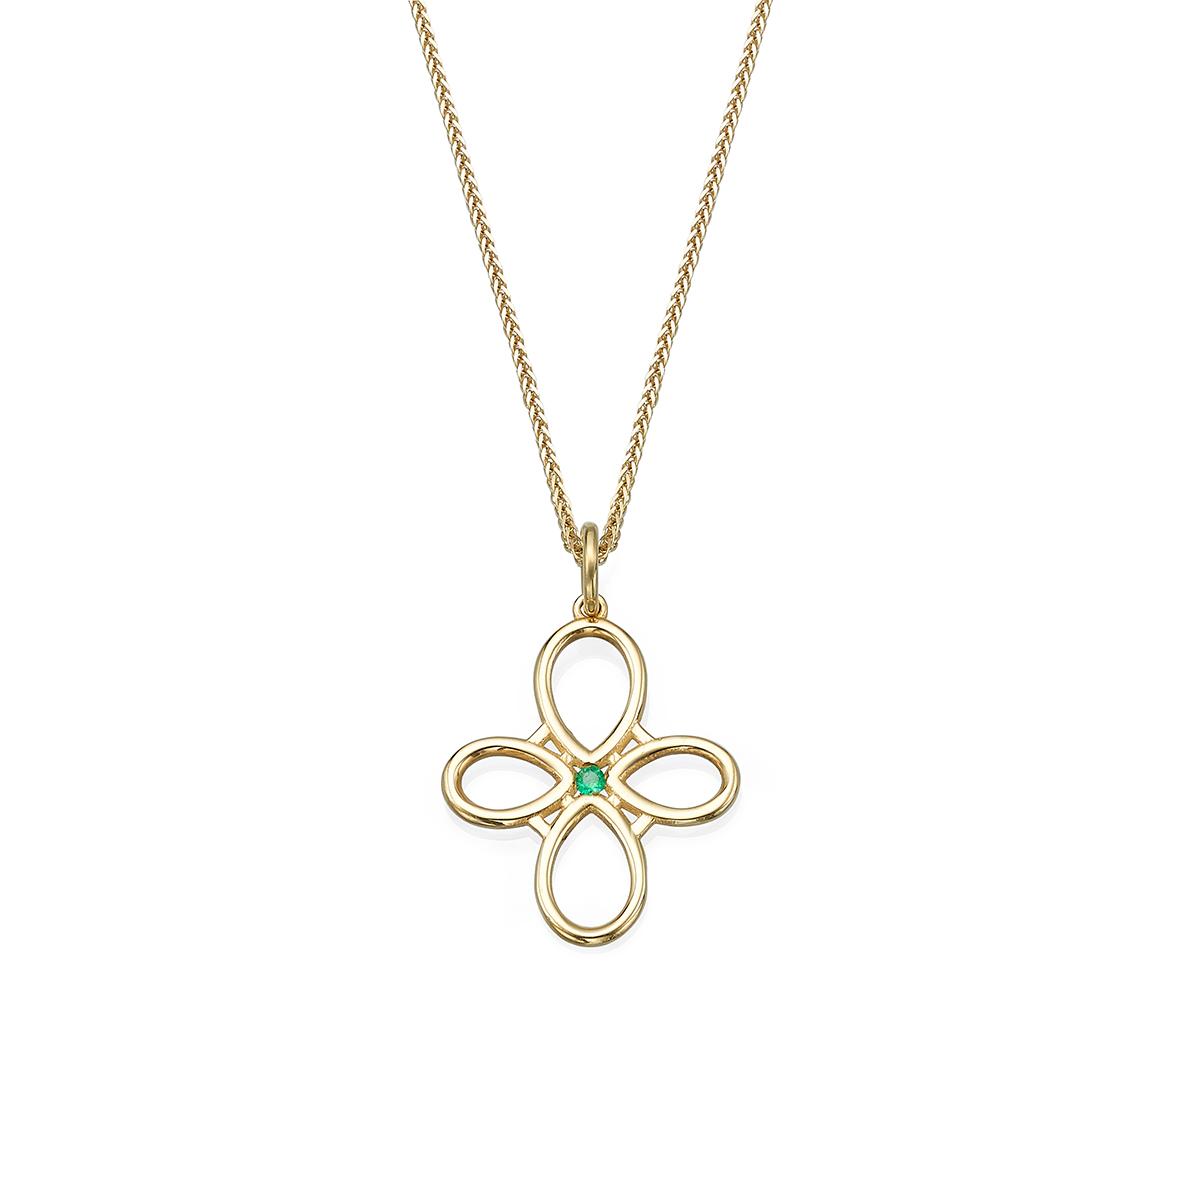 שרשרת זהב עם תליון זהב מרכזי בצורת 4 טיפות ובמרכזו אמרלד